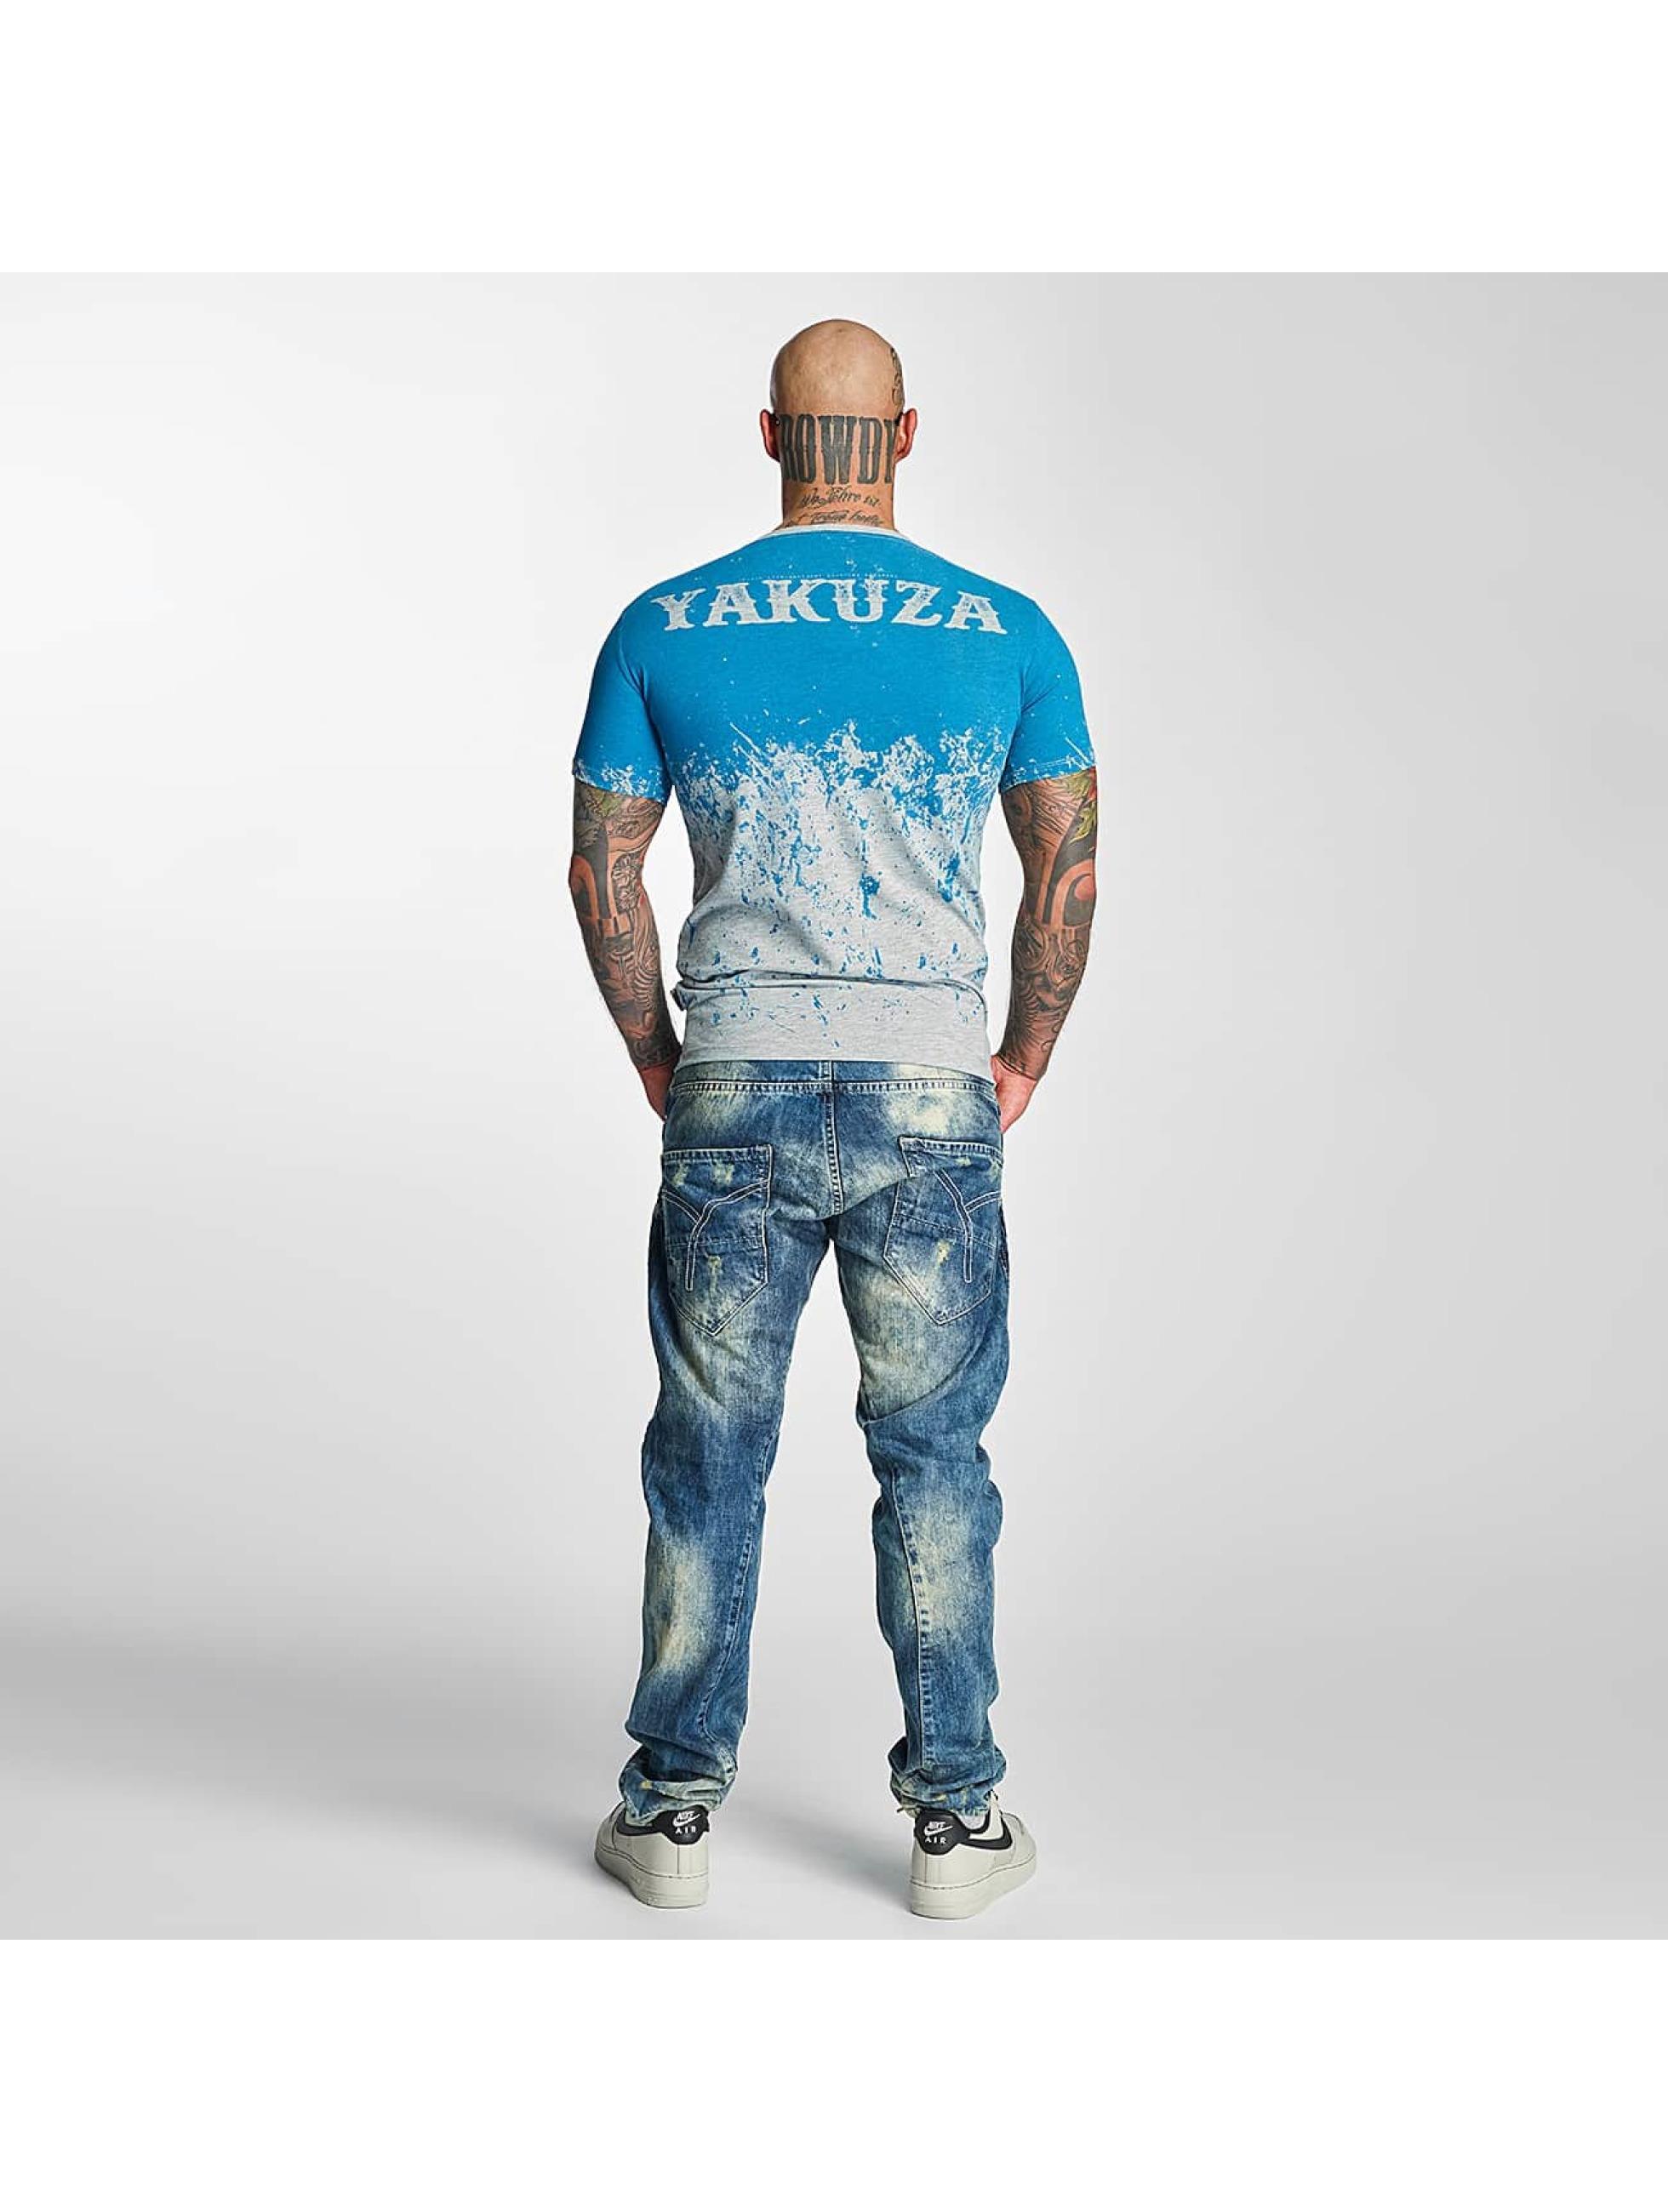 Yakuza T-Shirt Splatter gray